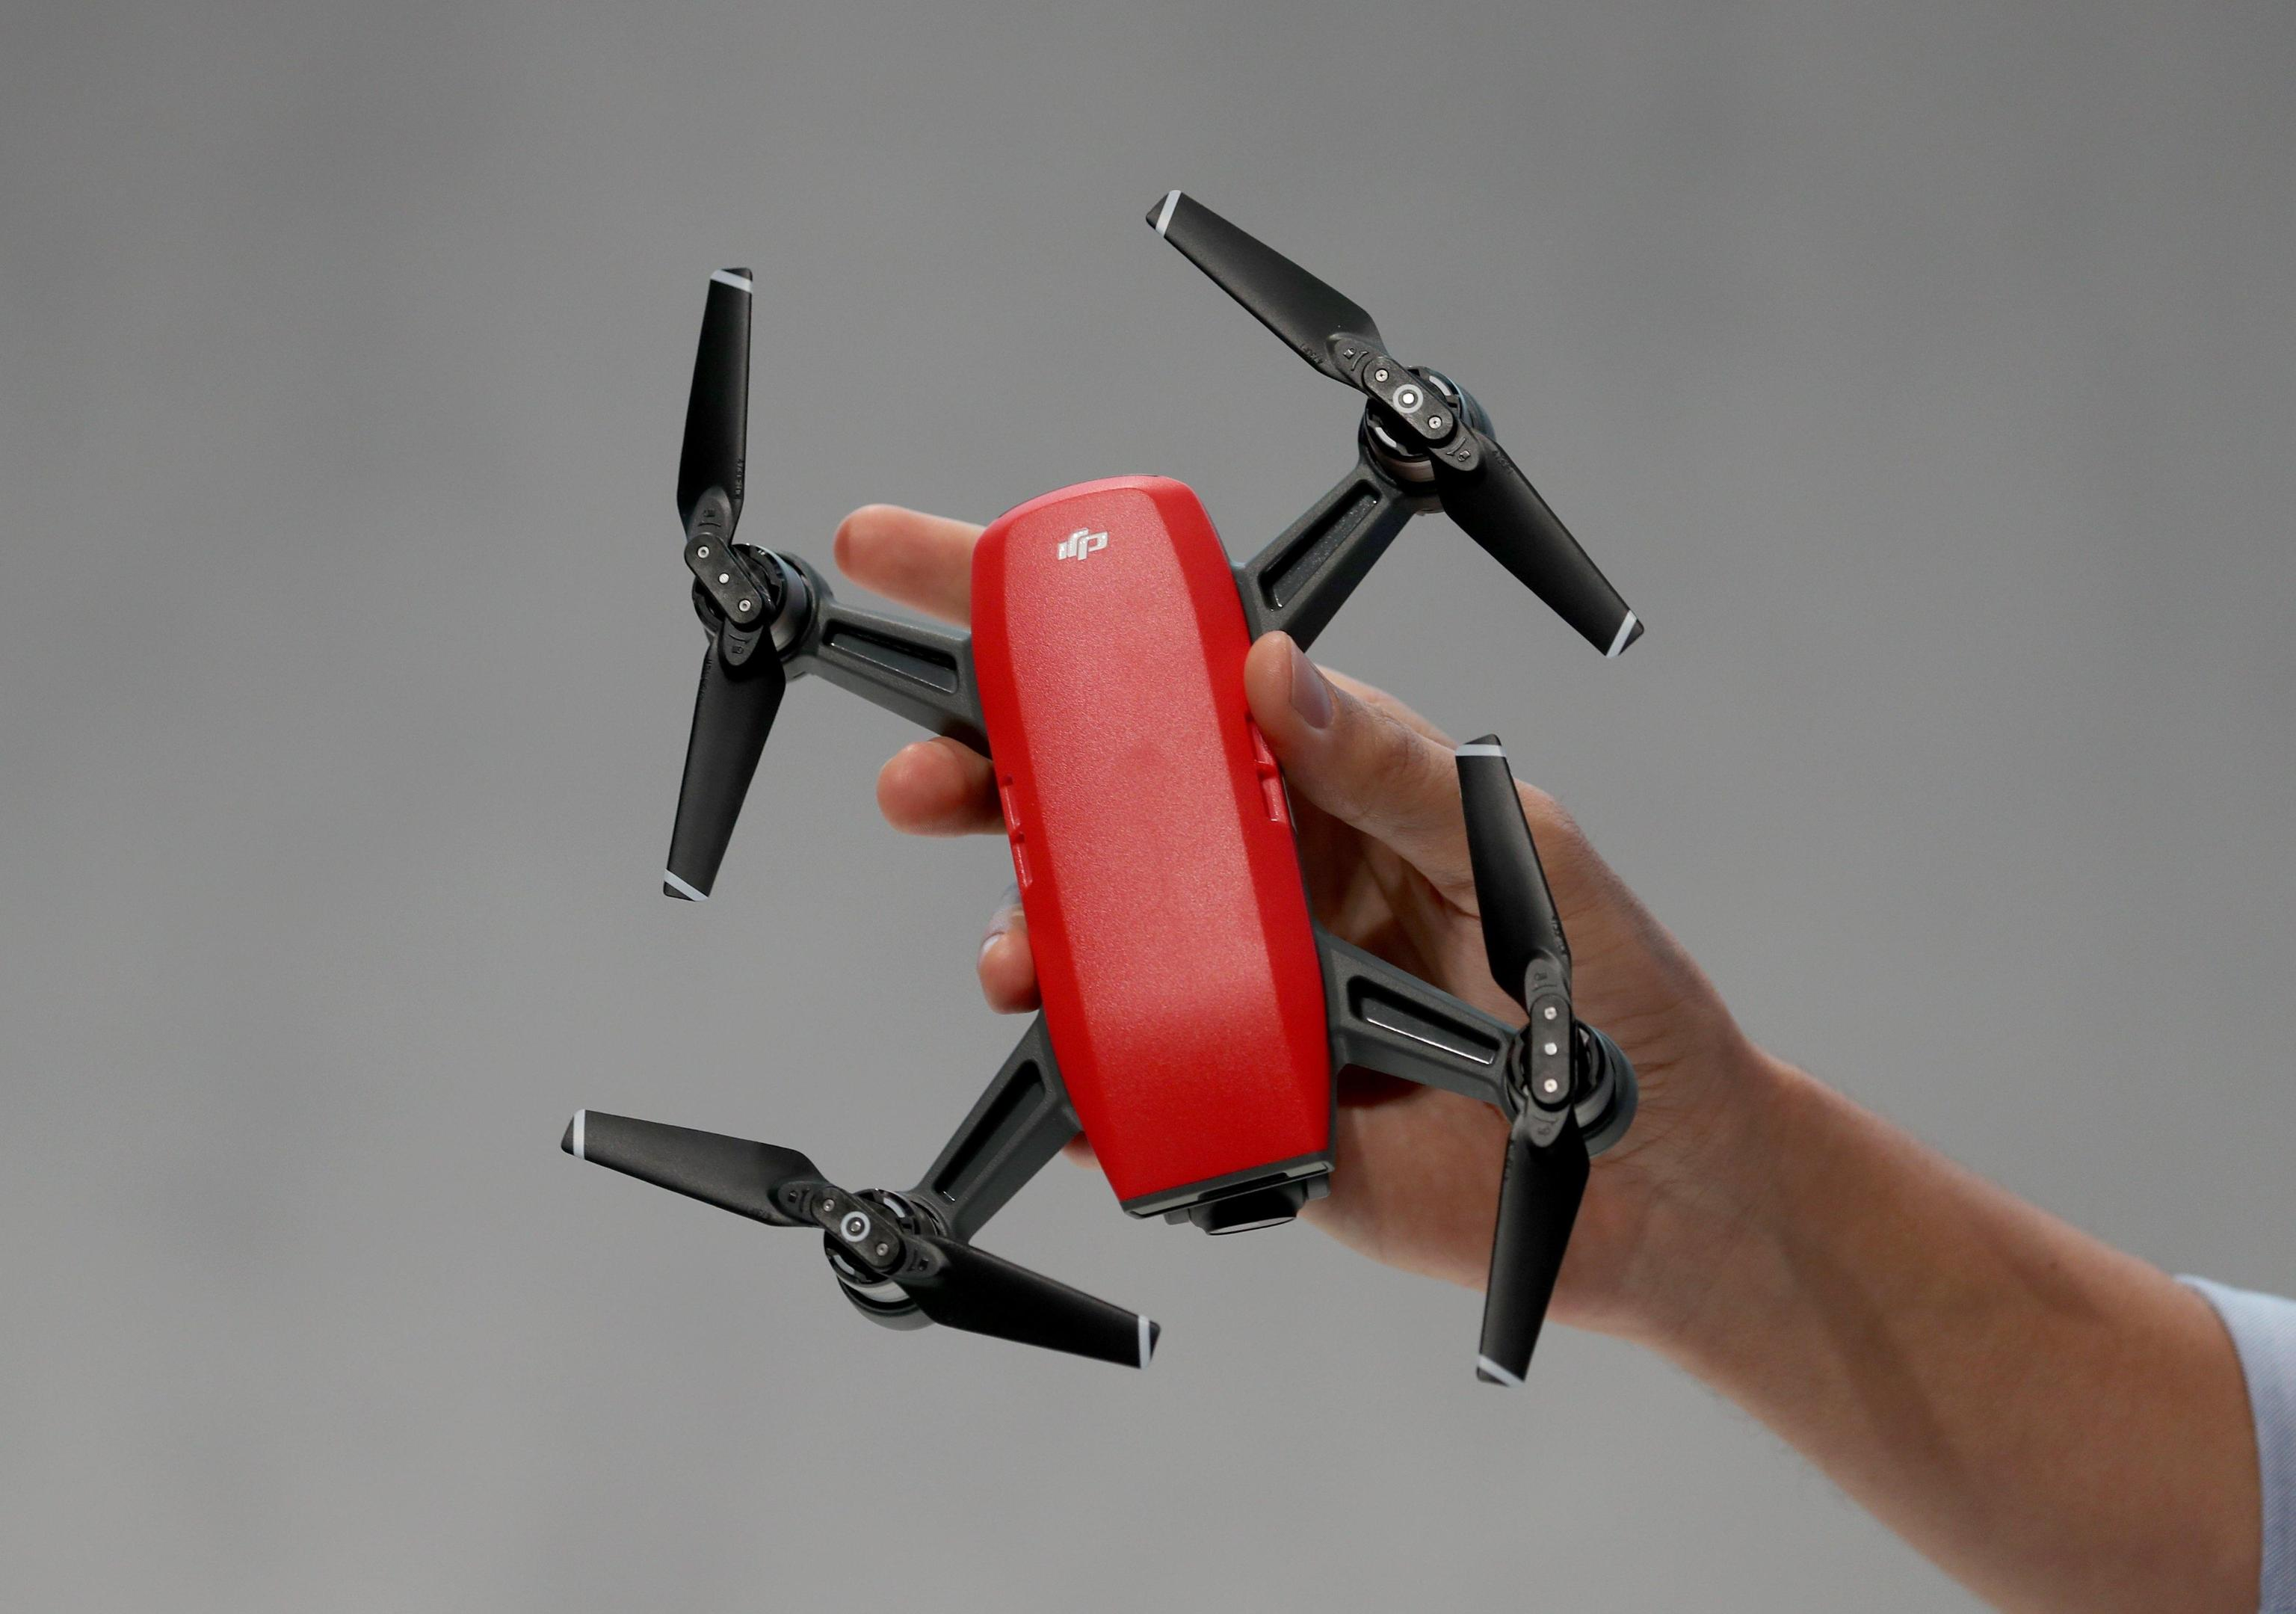 Terrorismo: droni usati per attentati, l'allarme dell'FBI